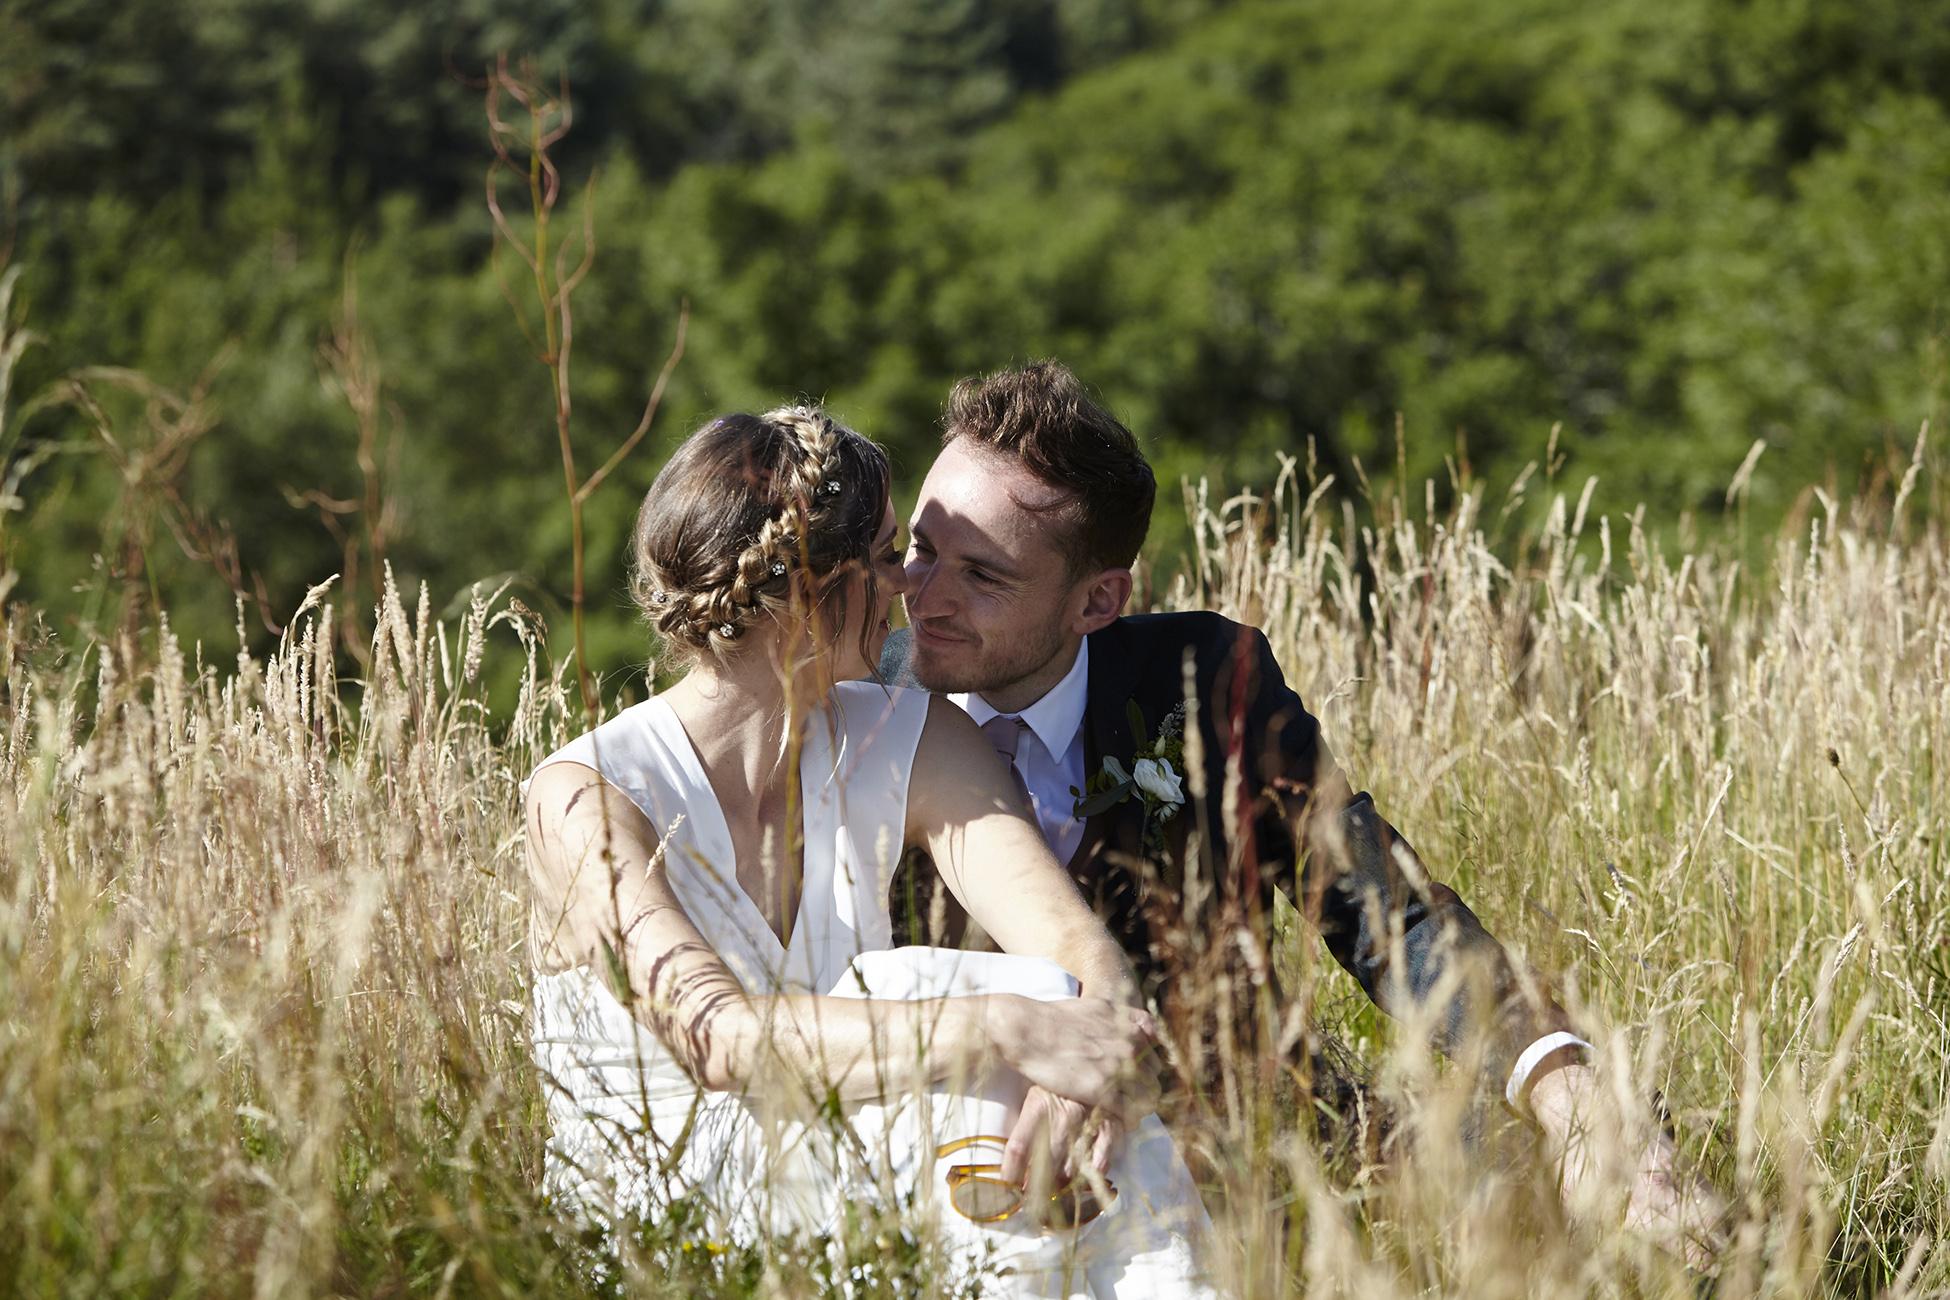 couple_grass.jpg